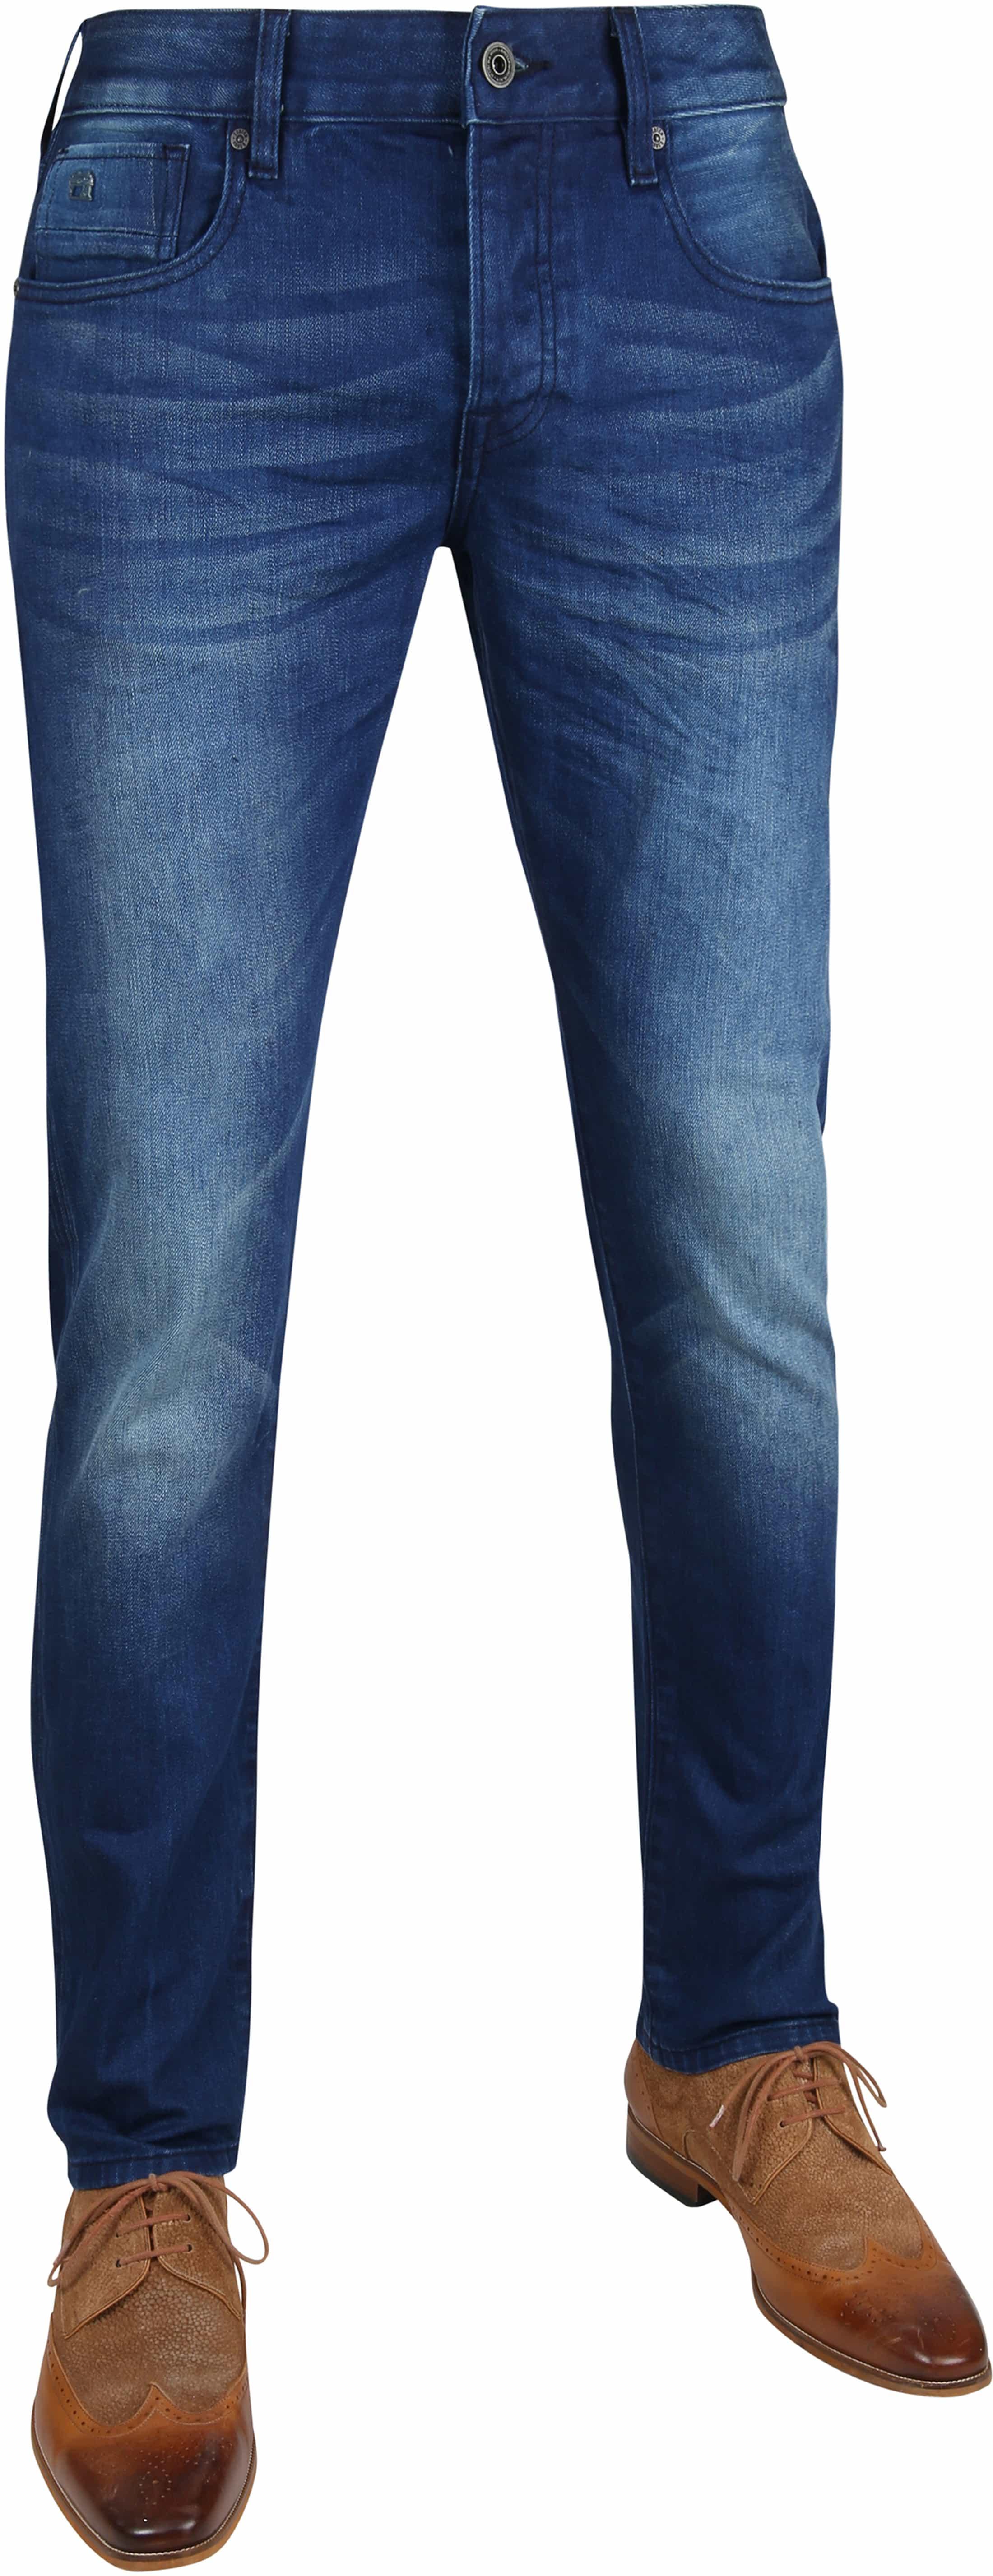 Scotch & Soda Ralston Jeans Blauw foto 0